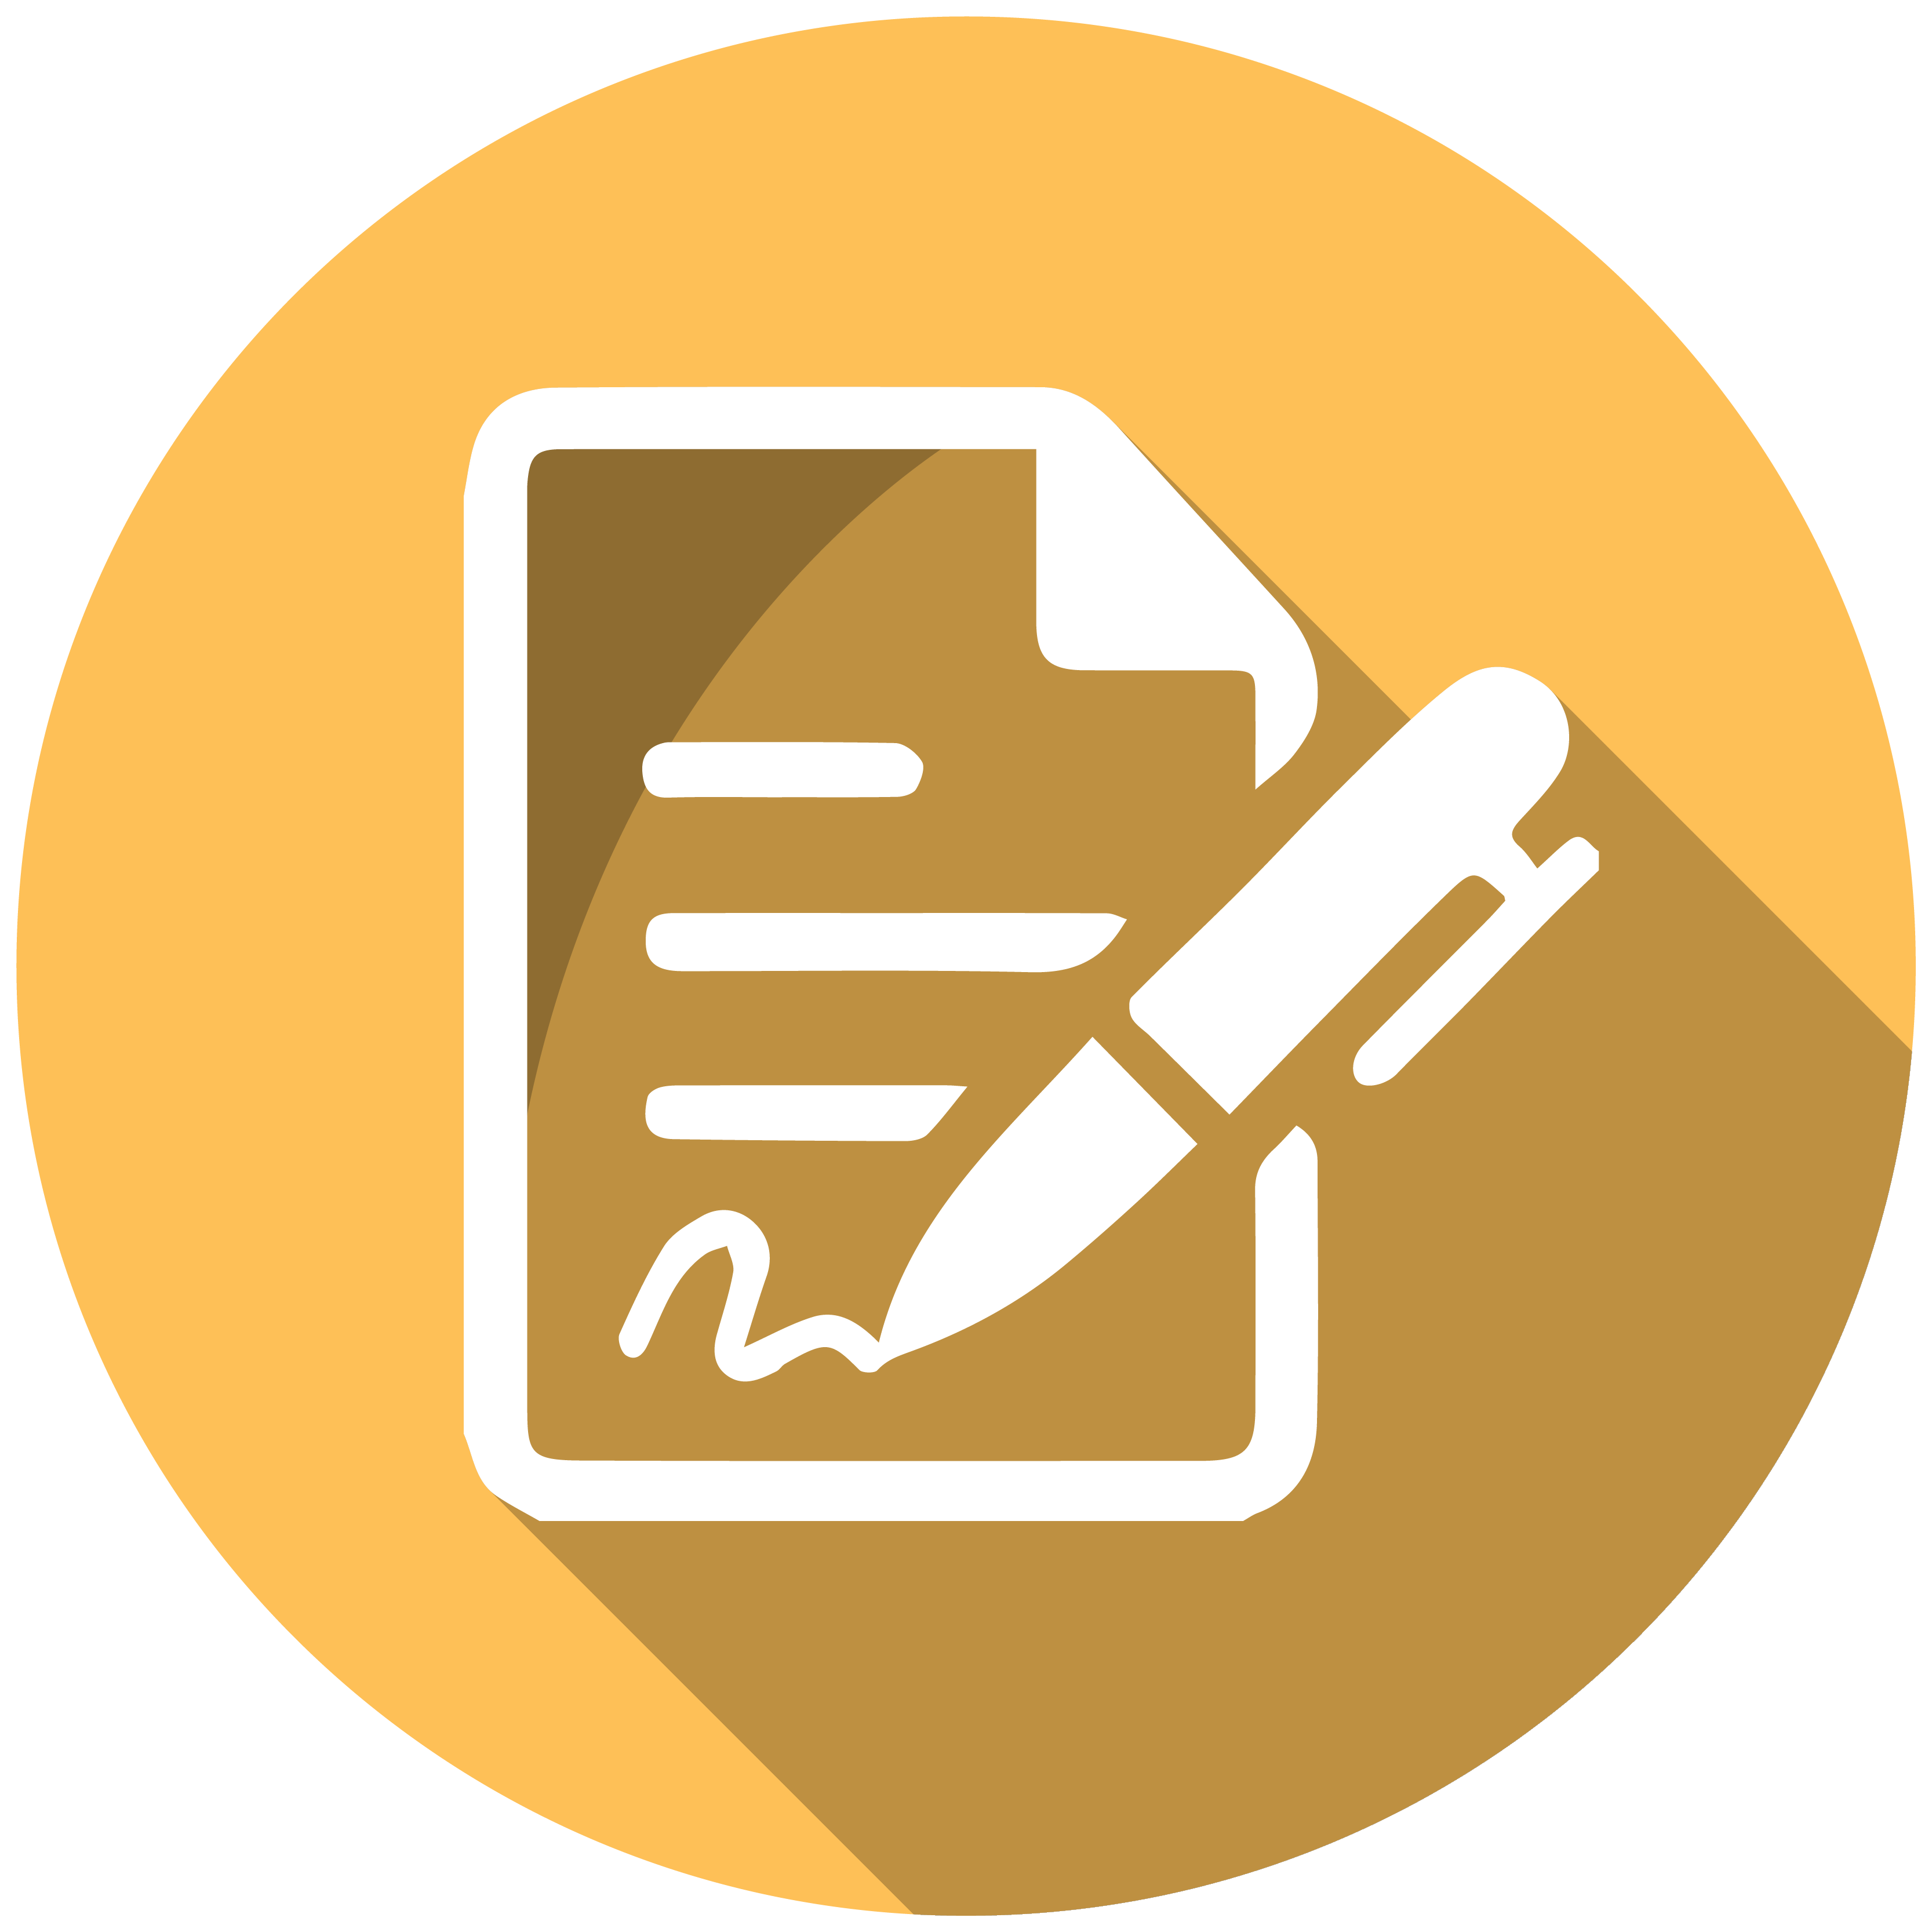 دانلود فایل کامل طراحی و مونتاژ تک تک قطعات جرثقیل در نرم افزارکتیا